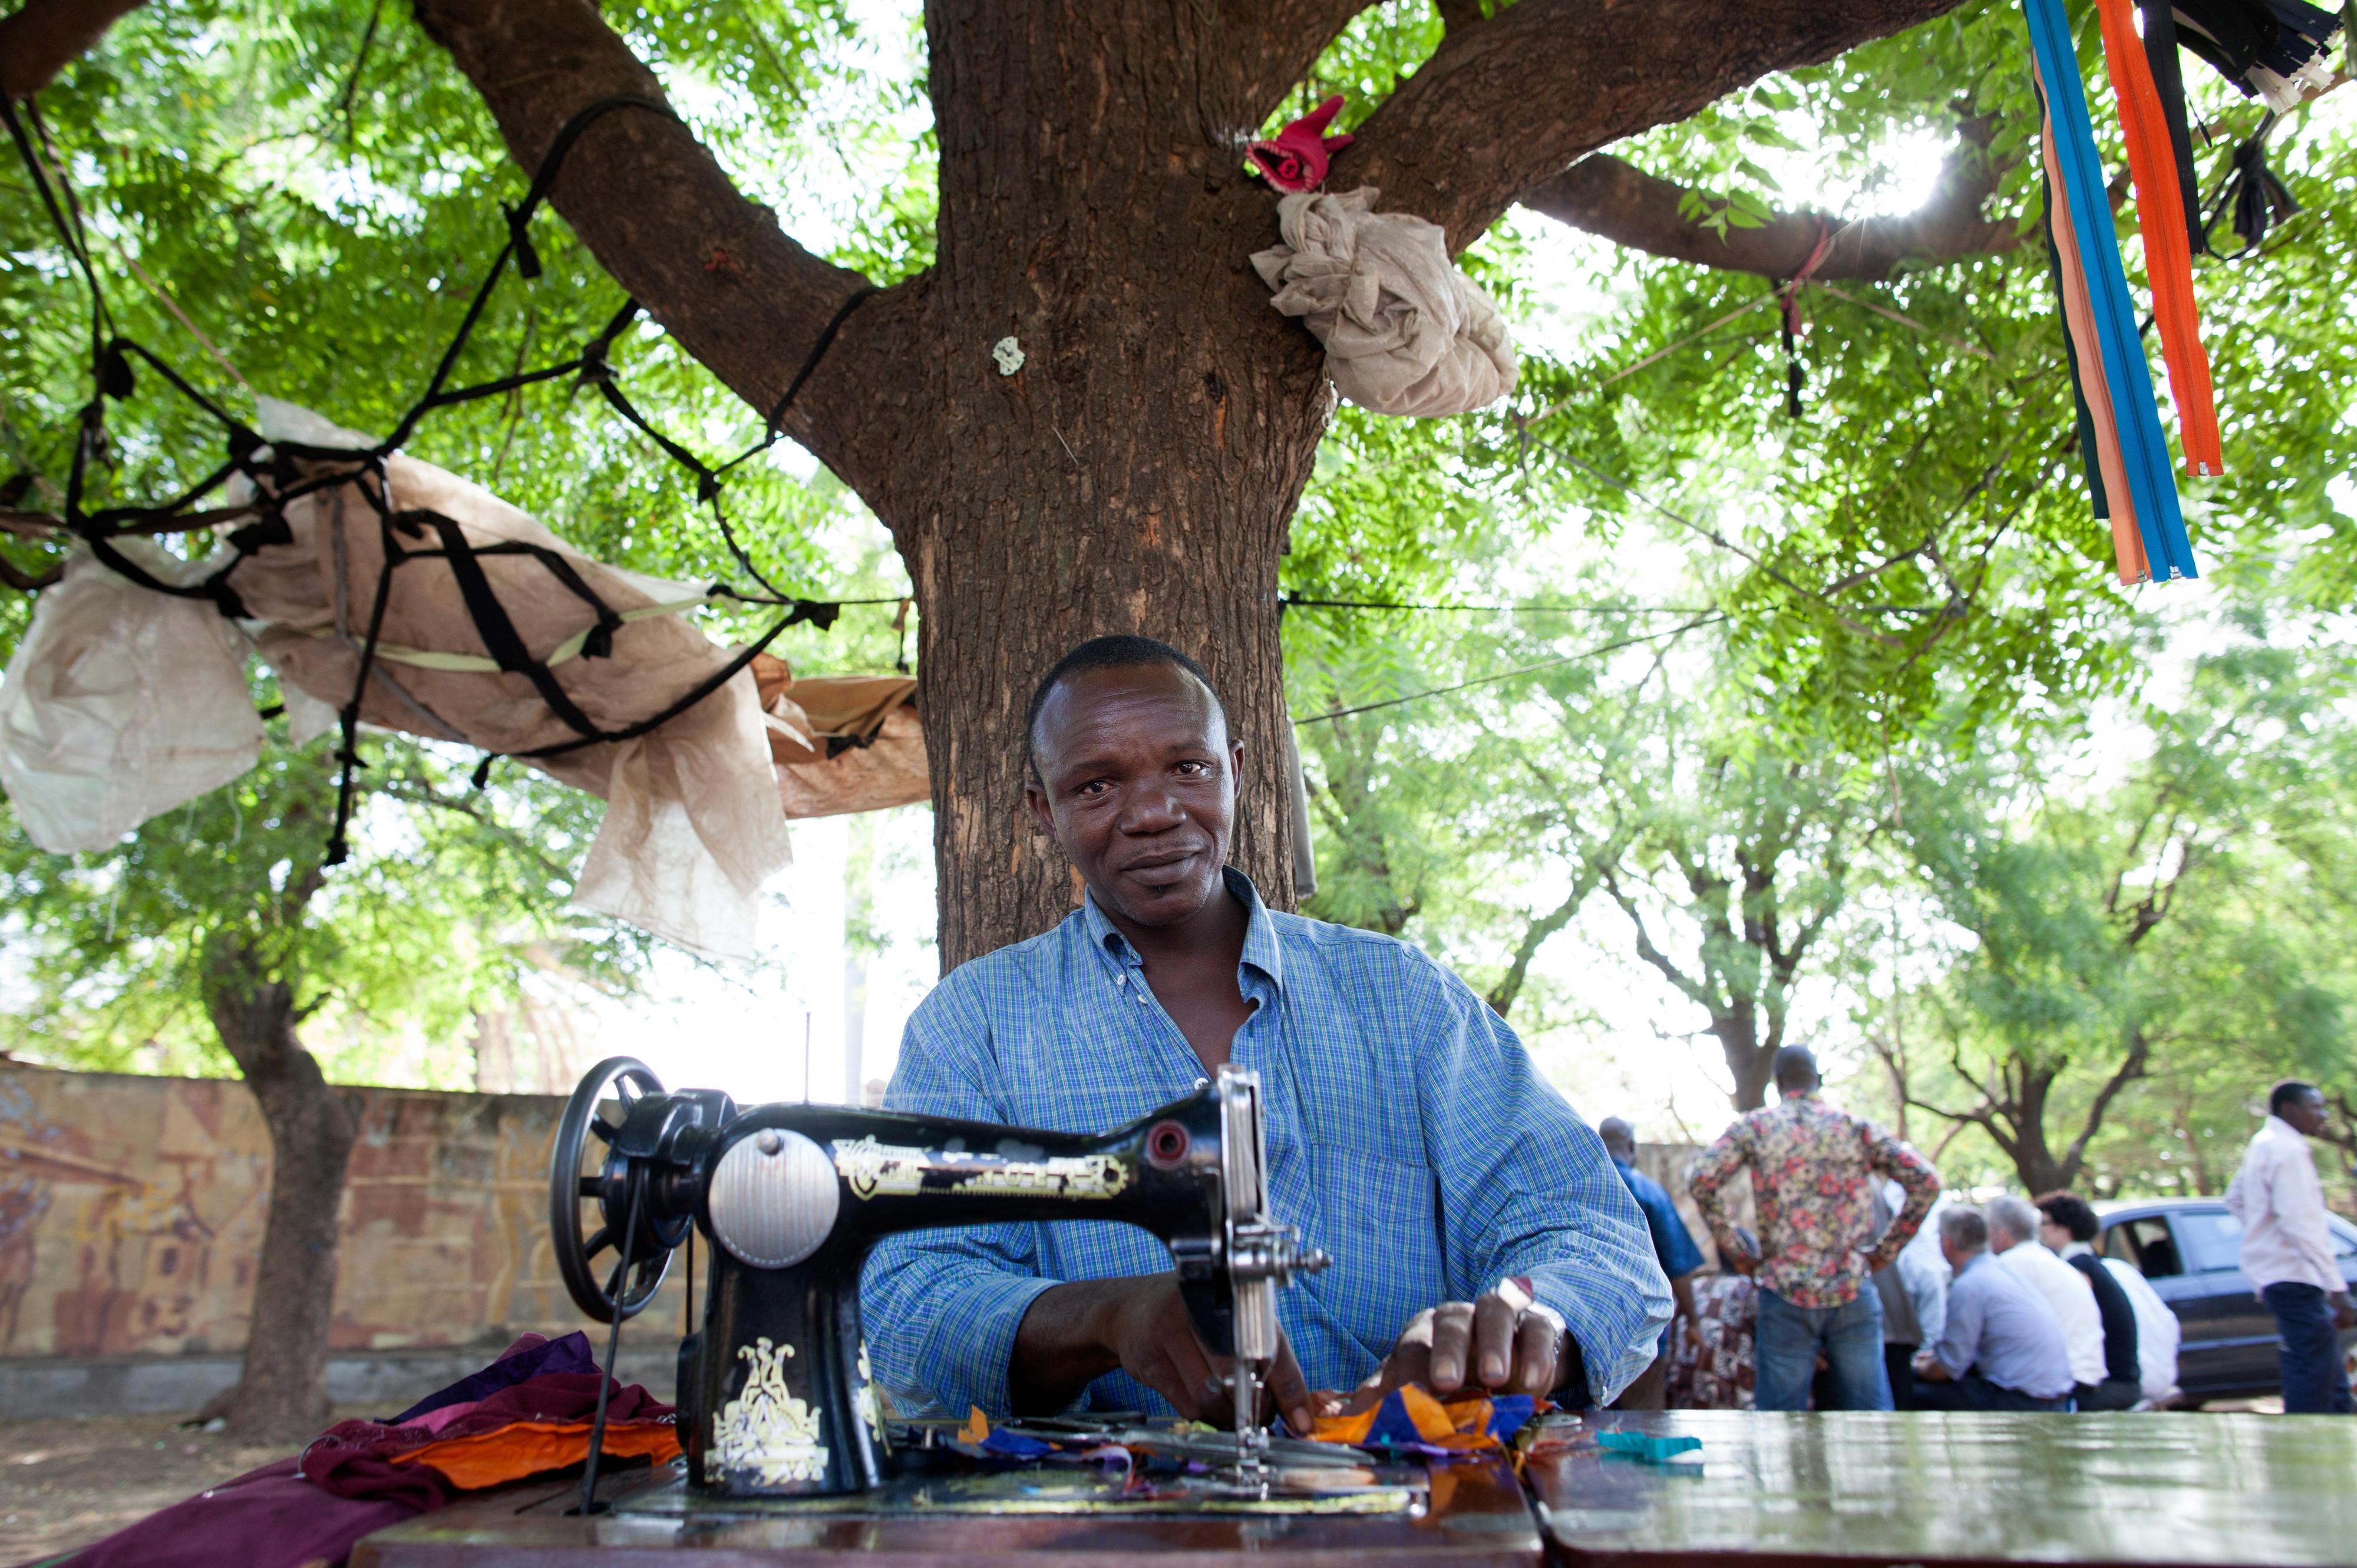 Schneider an einer Nähmaschine auf einer Straße in Bamako, Mali